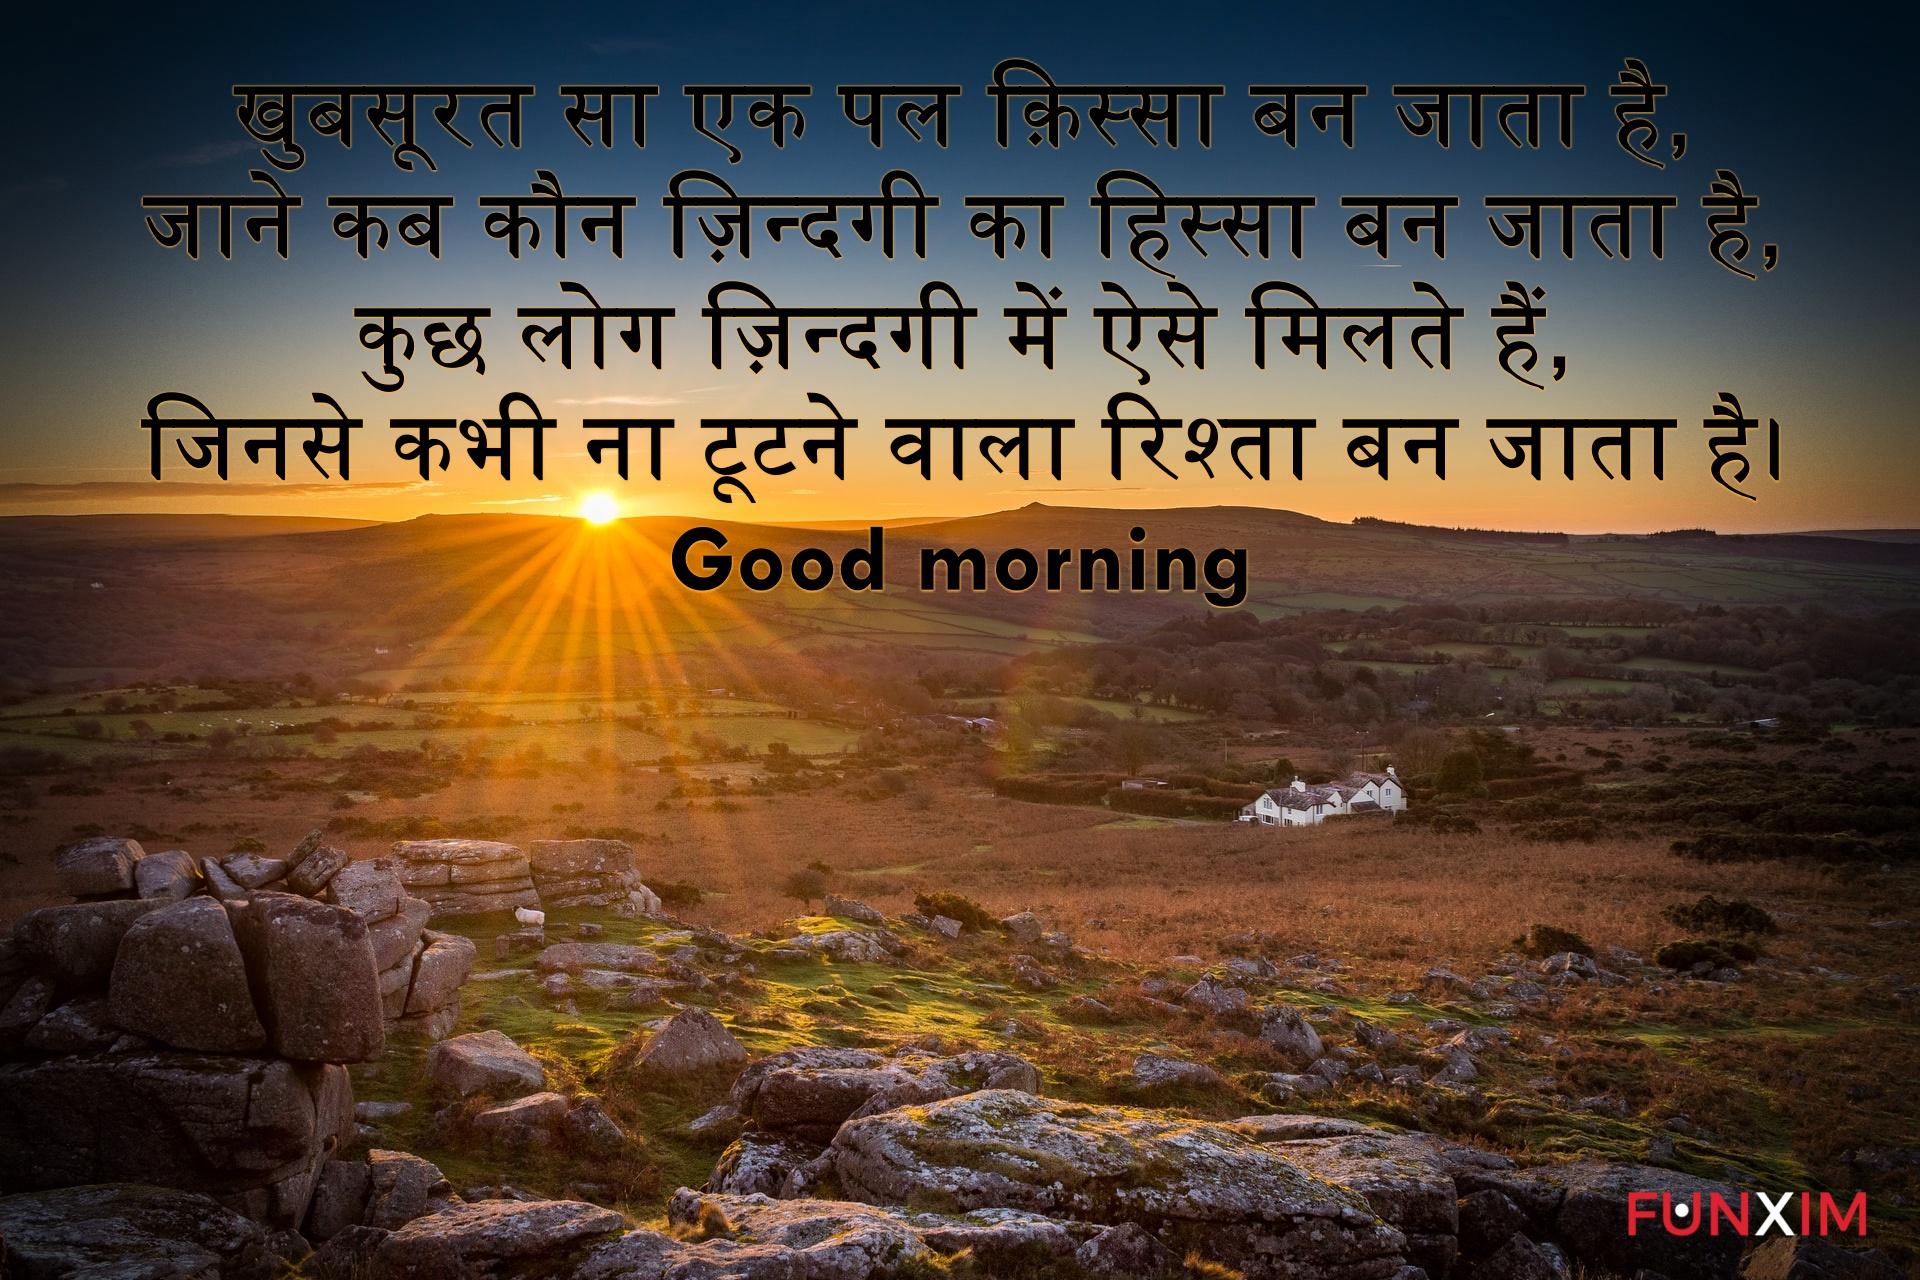 खुबसूरत सा एक पल क़िस्सा बन जाता है, जाने कब कौन ज़िन्दगी का हिस्सा बन जाता है, कुछ लोग ज़िन्दगी में ऐसे मिलते हैं, जिनसे कभी ना टूटने वाला रिश्ता बन जाता है। Good morning